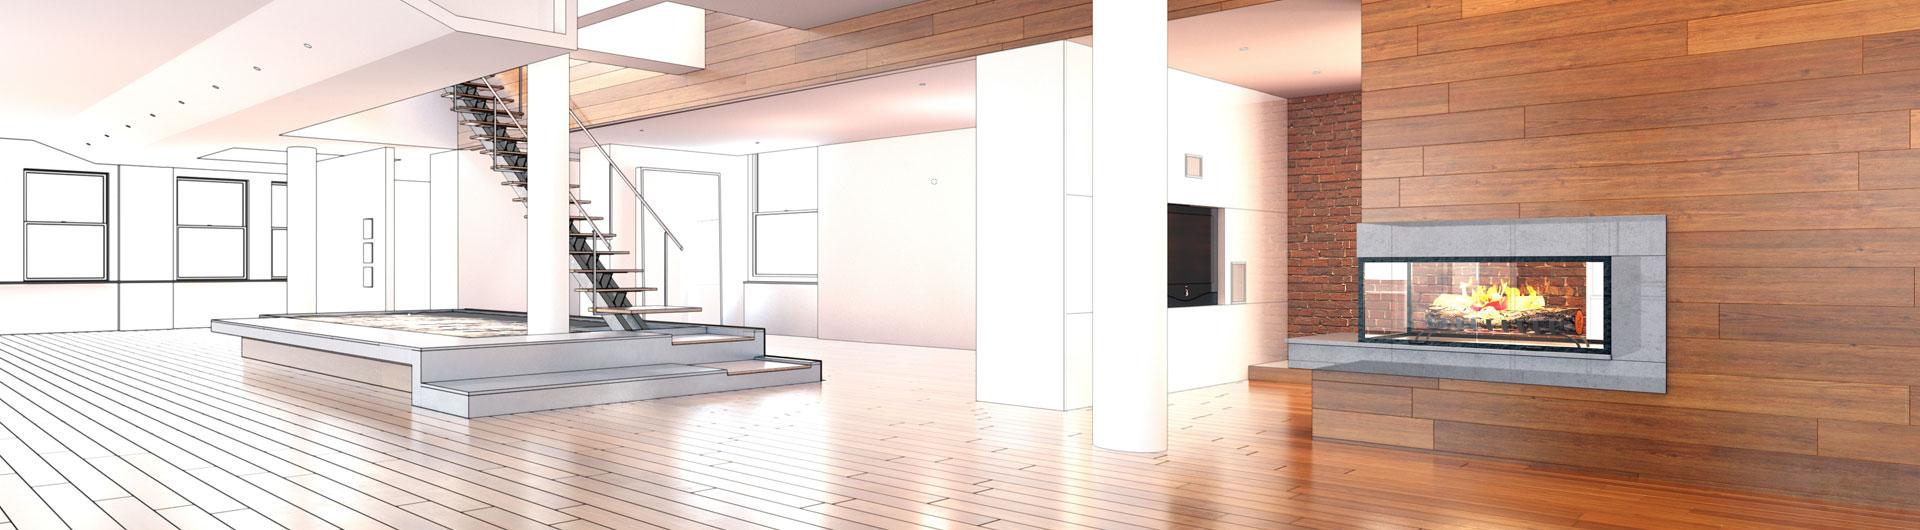 wertraum architektur handwerk ber uns. Black Bedroom Furniture Sets. Home Design Ideas